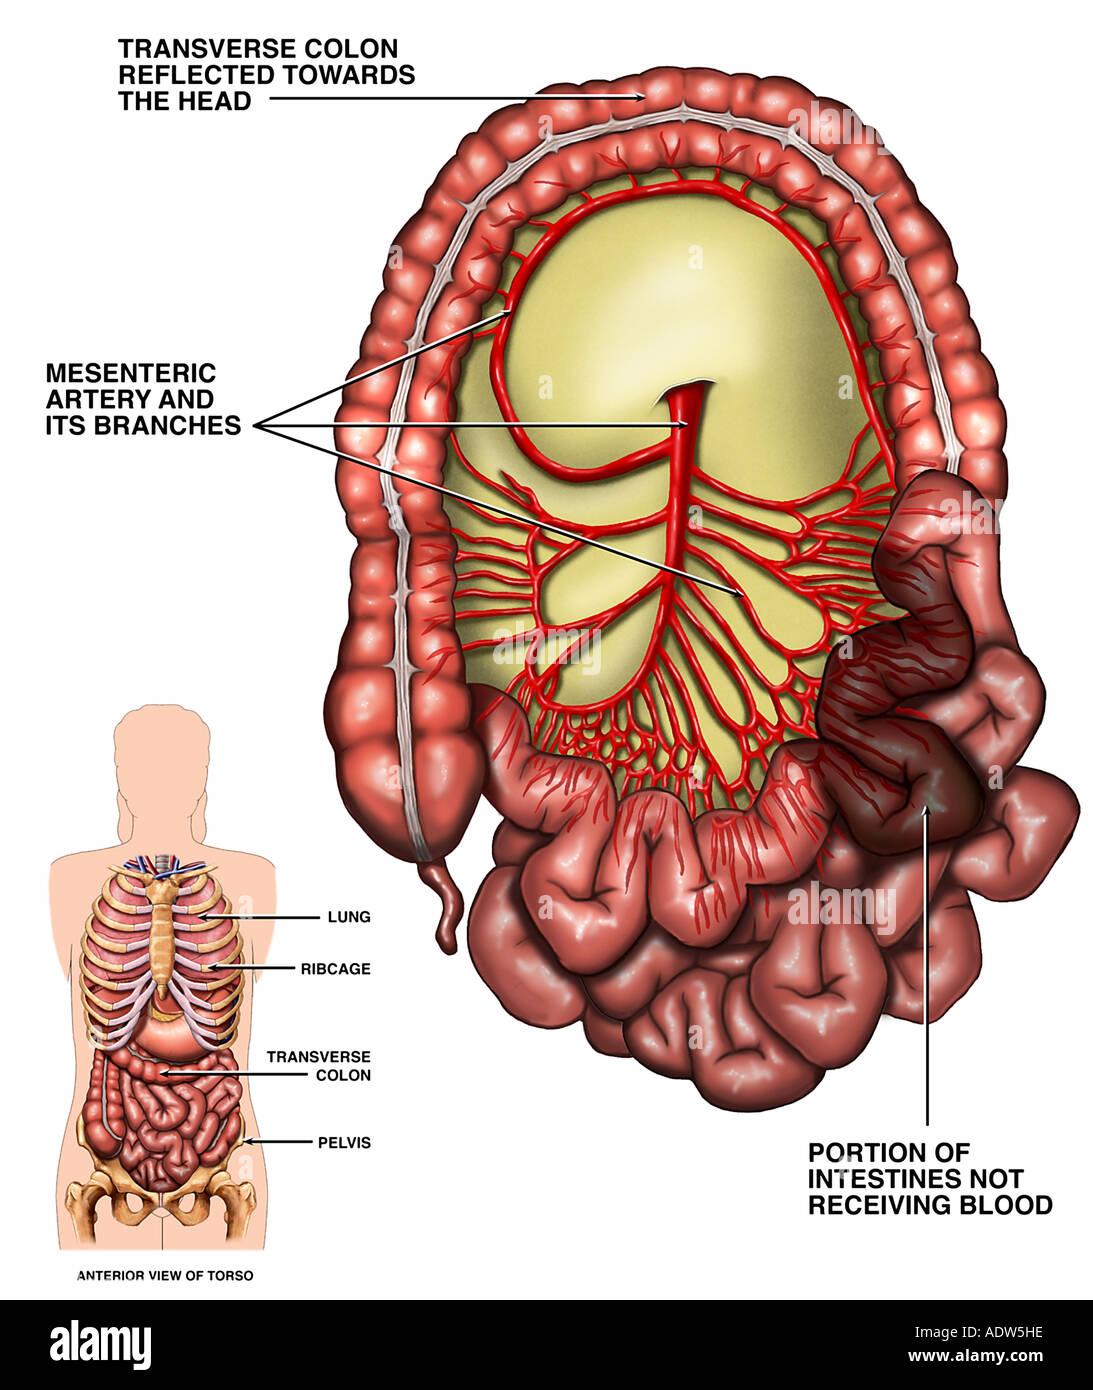 Superior Mesenteric Artery Imágenes De Stock & Superior Mesenteric ...